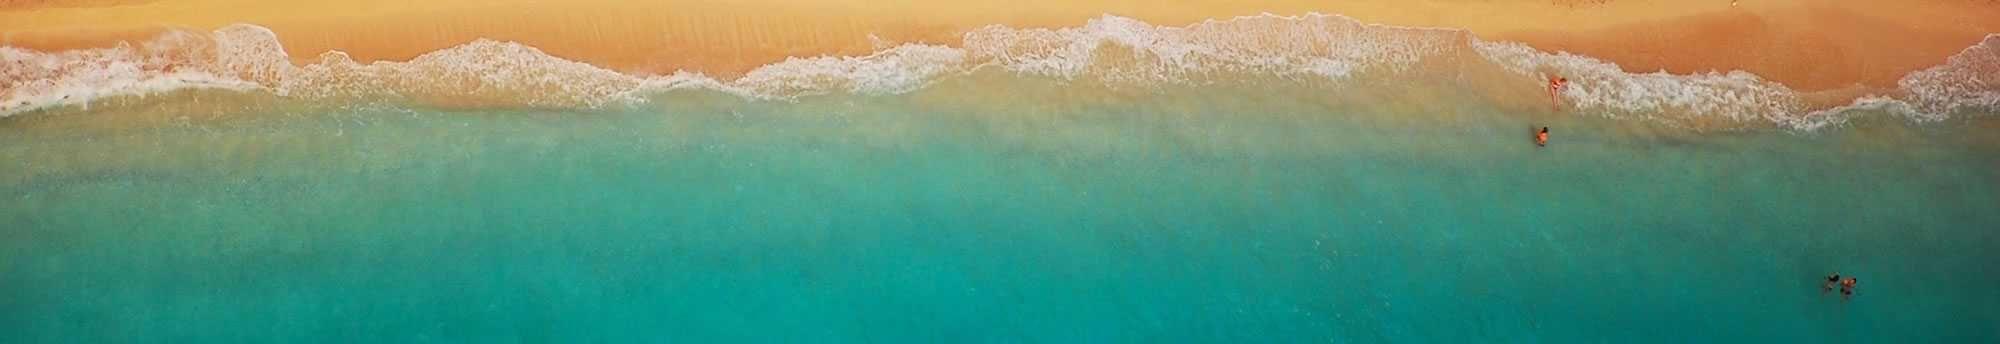 Vacaciones de Playa en Costa Dorada